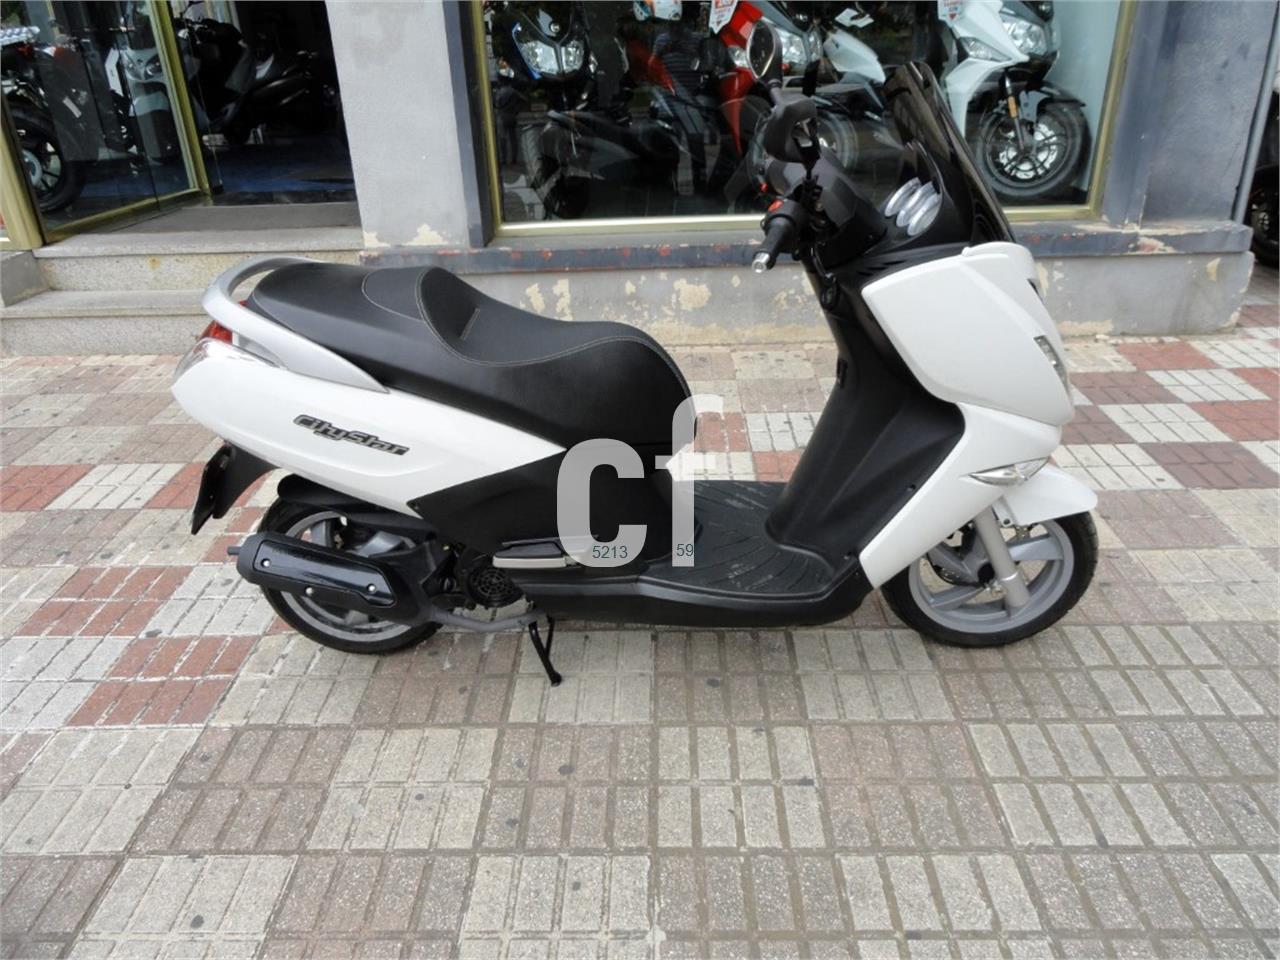 PEUGEOT Citystar 125 RS de venta